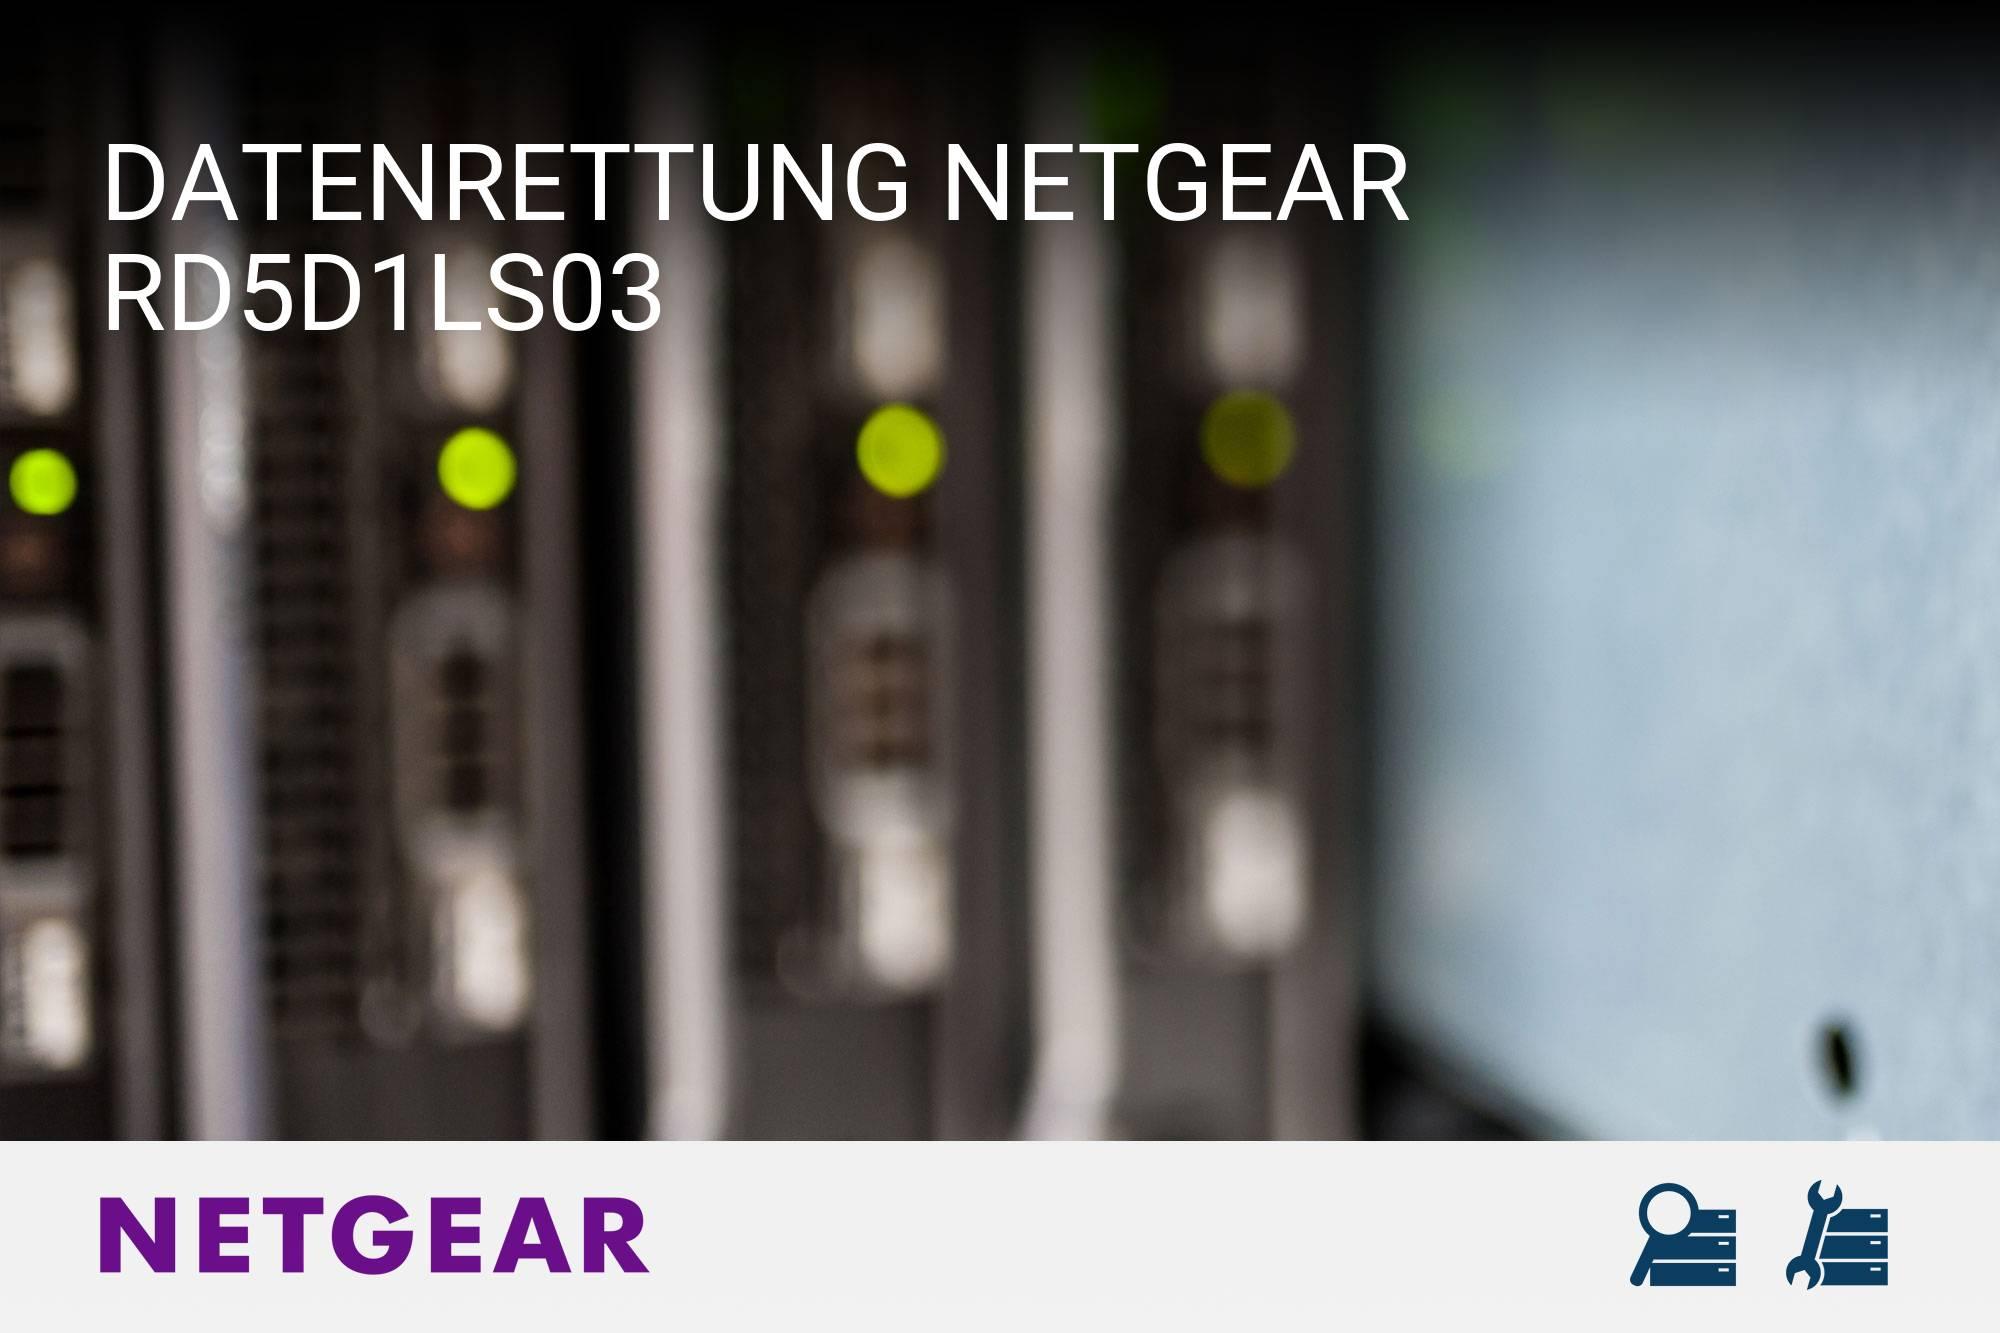 Netgear RD5D1LS03